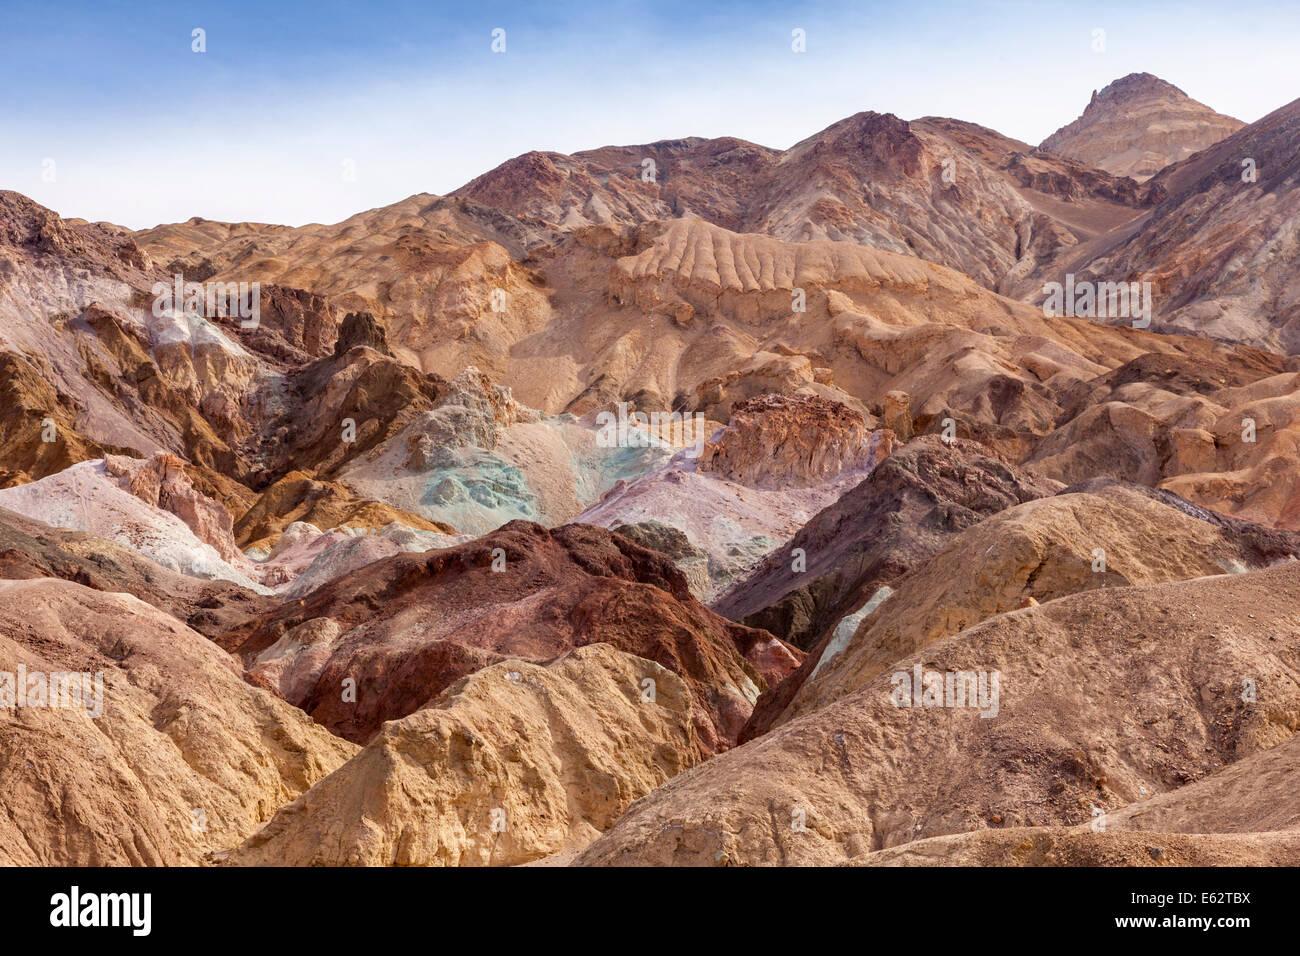 Les roches colorées de l'artiste connu sous le nom de palette, la vallée de la mort, en Californie. Photo Stock